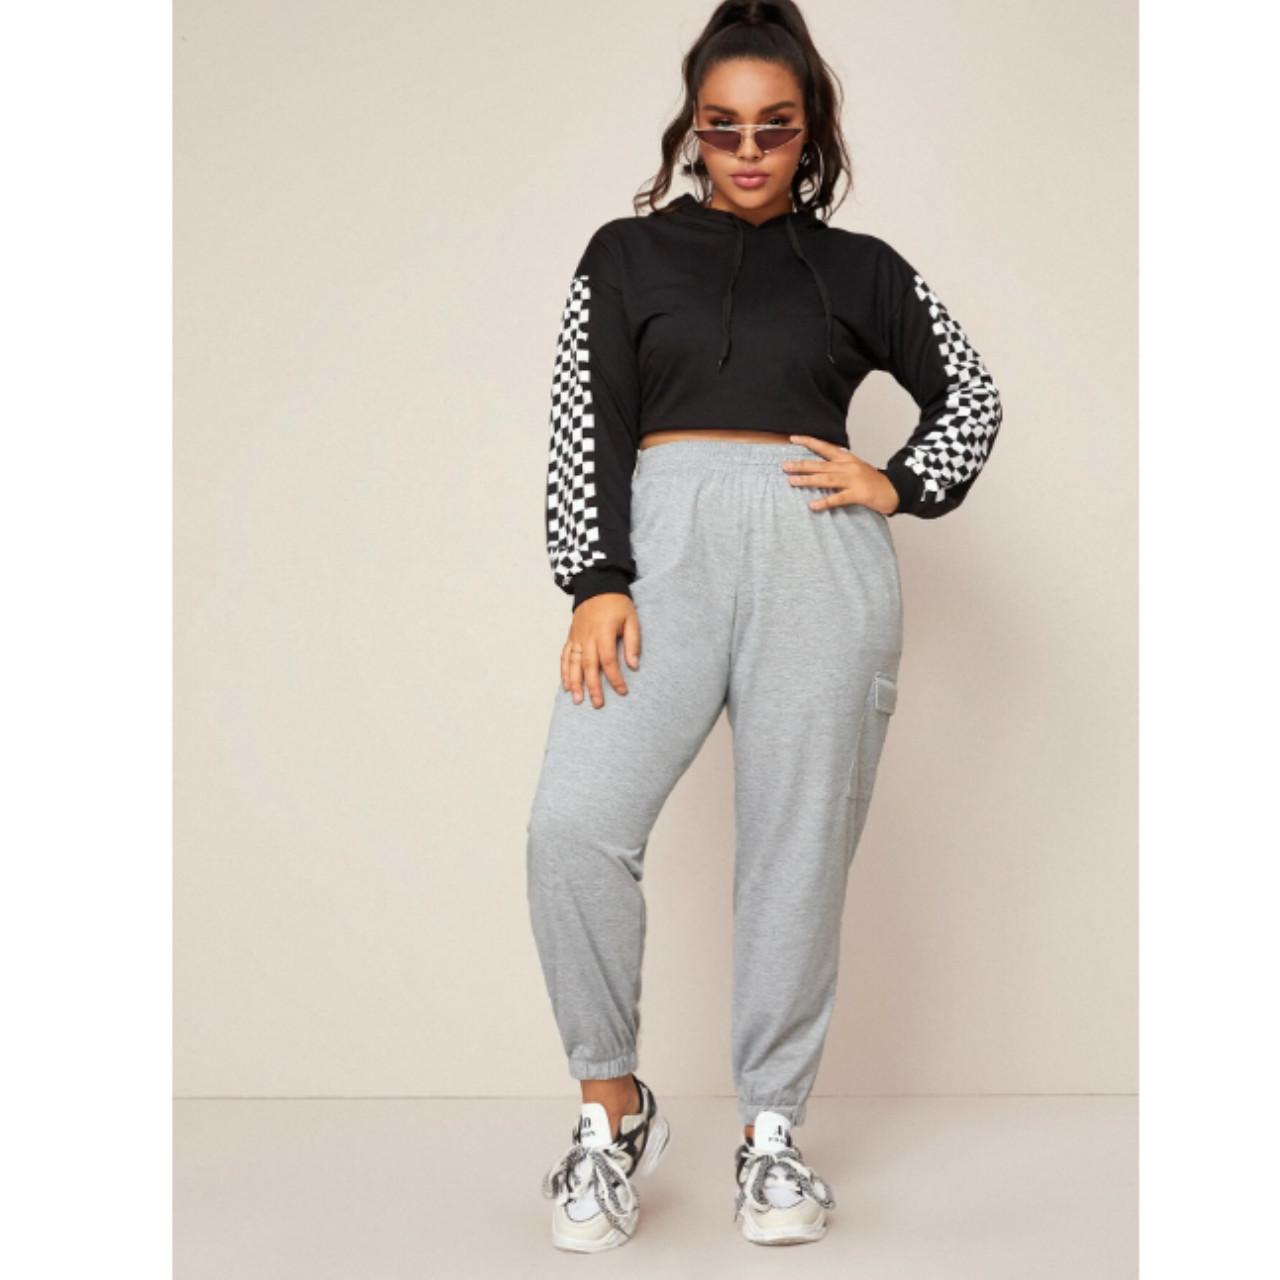 Flap pocket elastic waist sweatpants 2xl